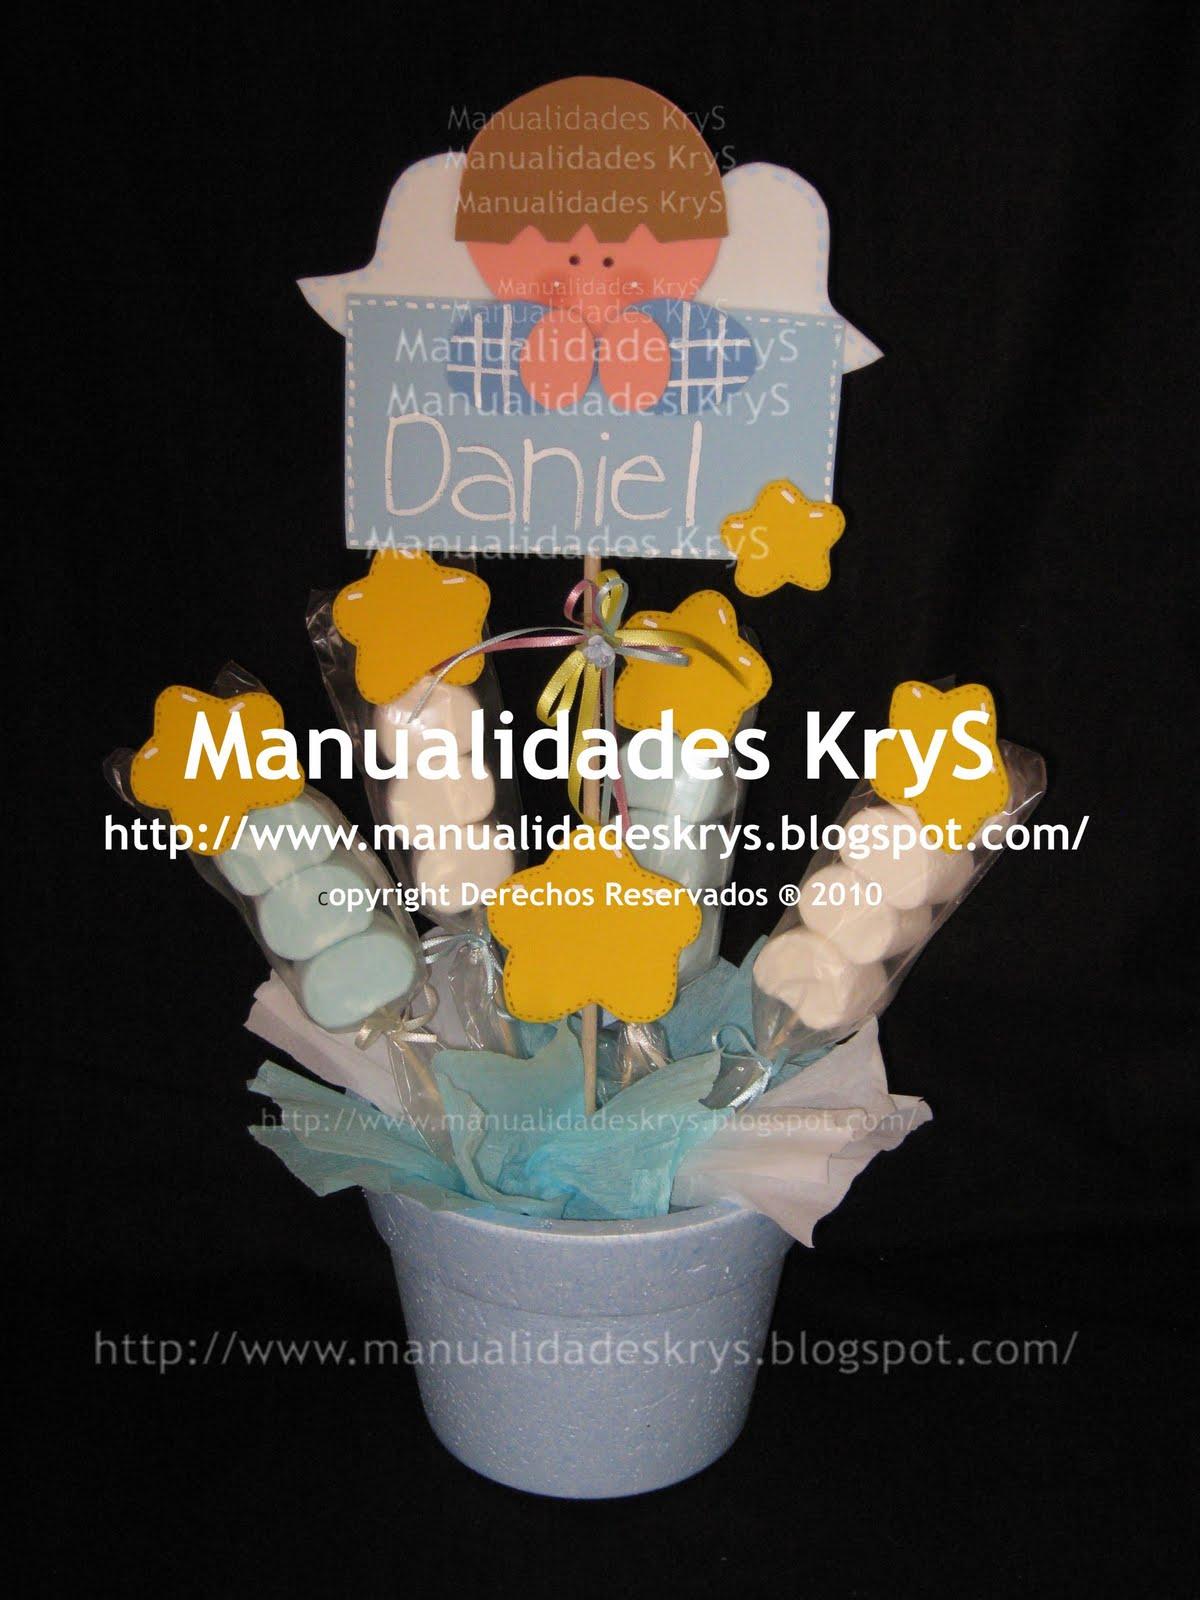 Manualidades KryS: PReSeNTaCión De TReS AñoS!!!